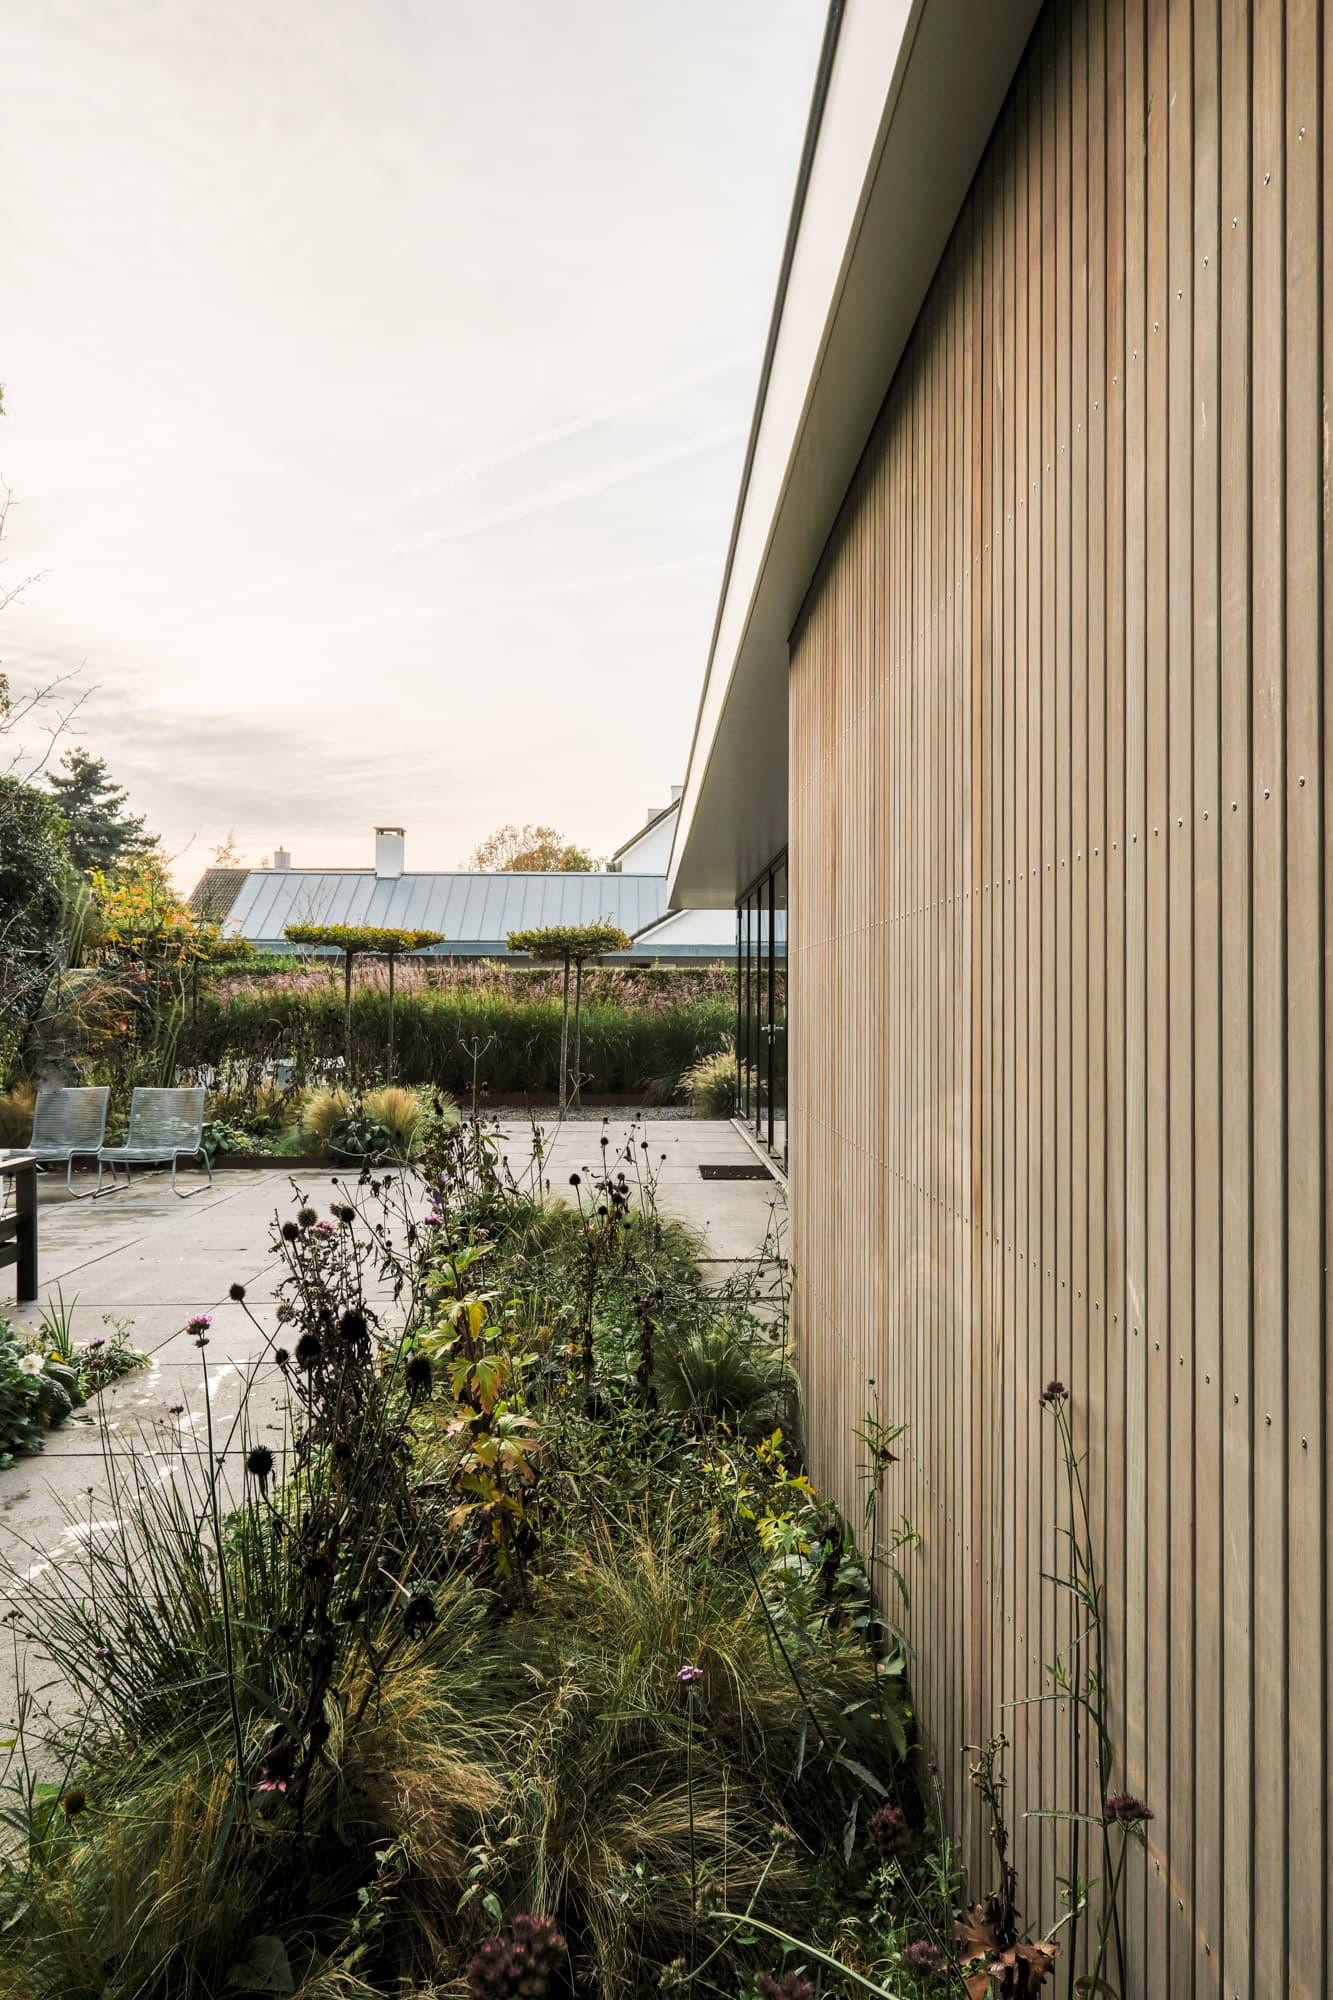 van-os-architecten-breda-ontwerp-moderne-aanbouw-met-aluminium-vouwschuifpui-western-red-cedar-gevelbekleding